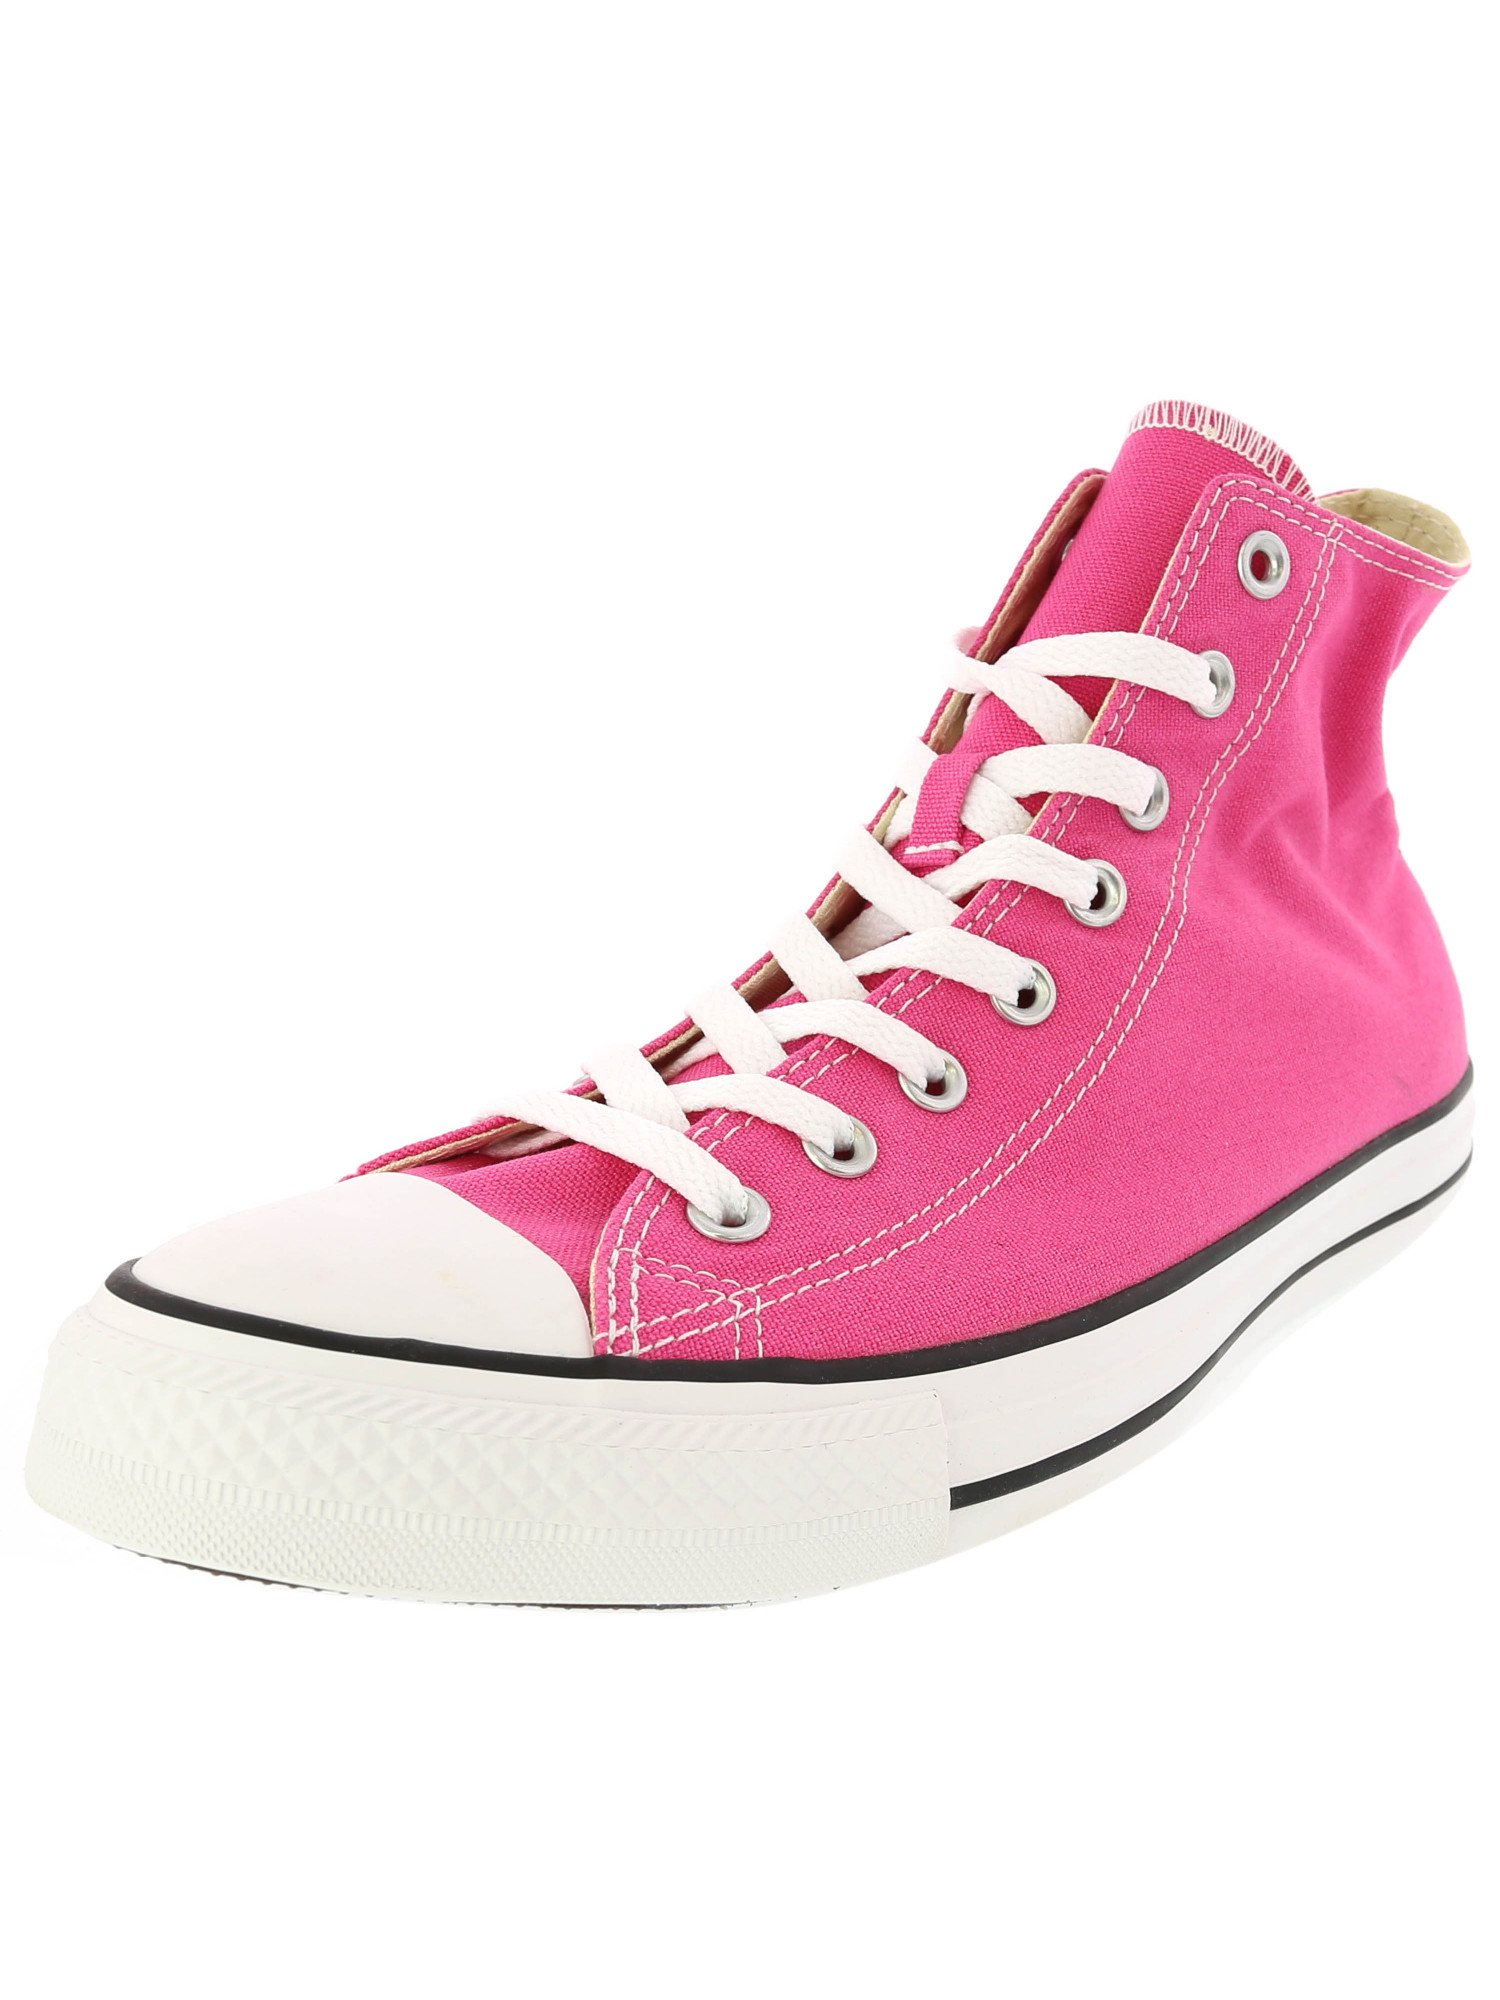 Pink Converse - Walmart.com